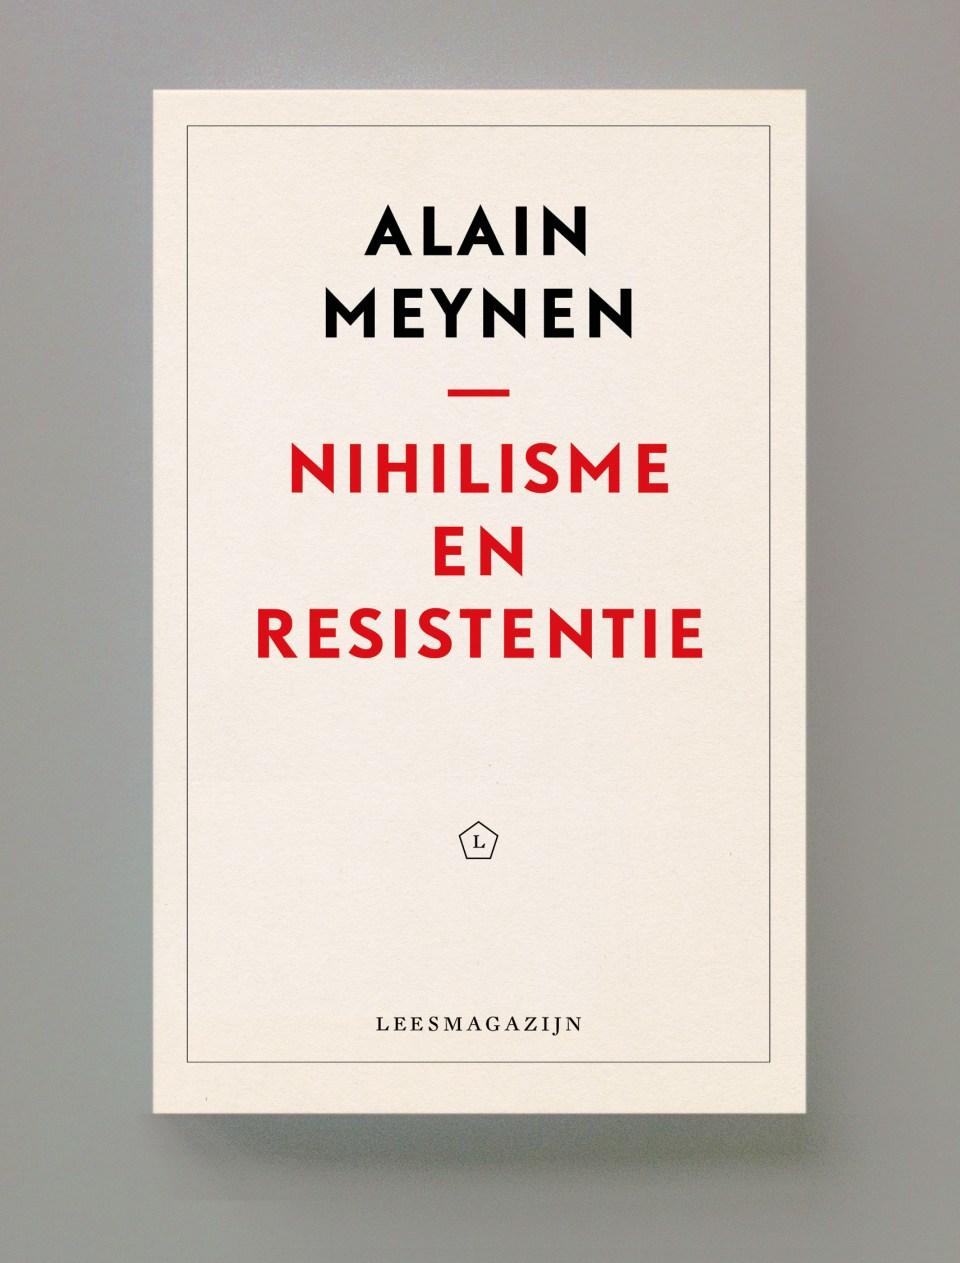 Cover-Meynen-HighRes